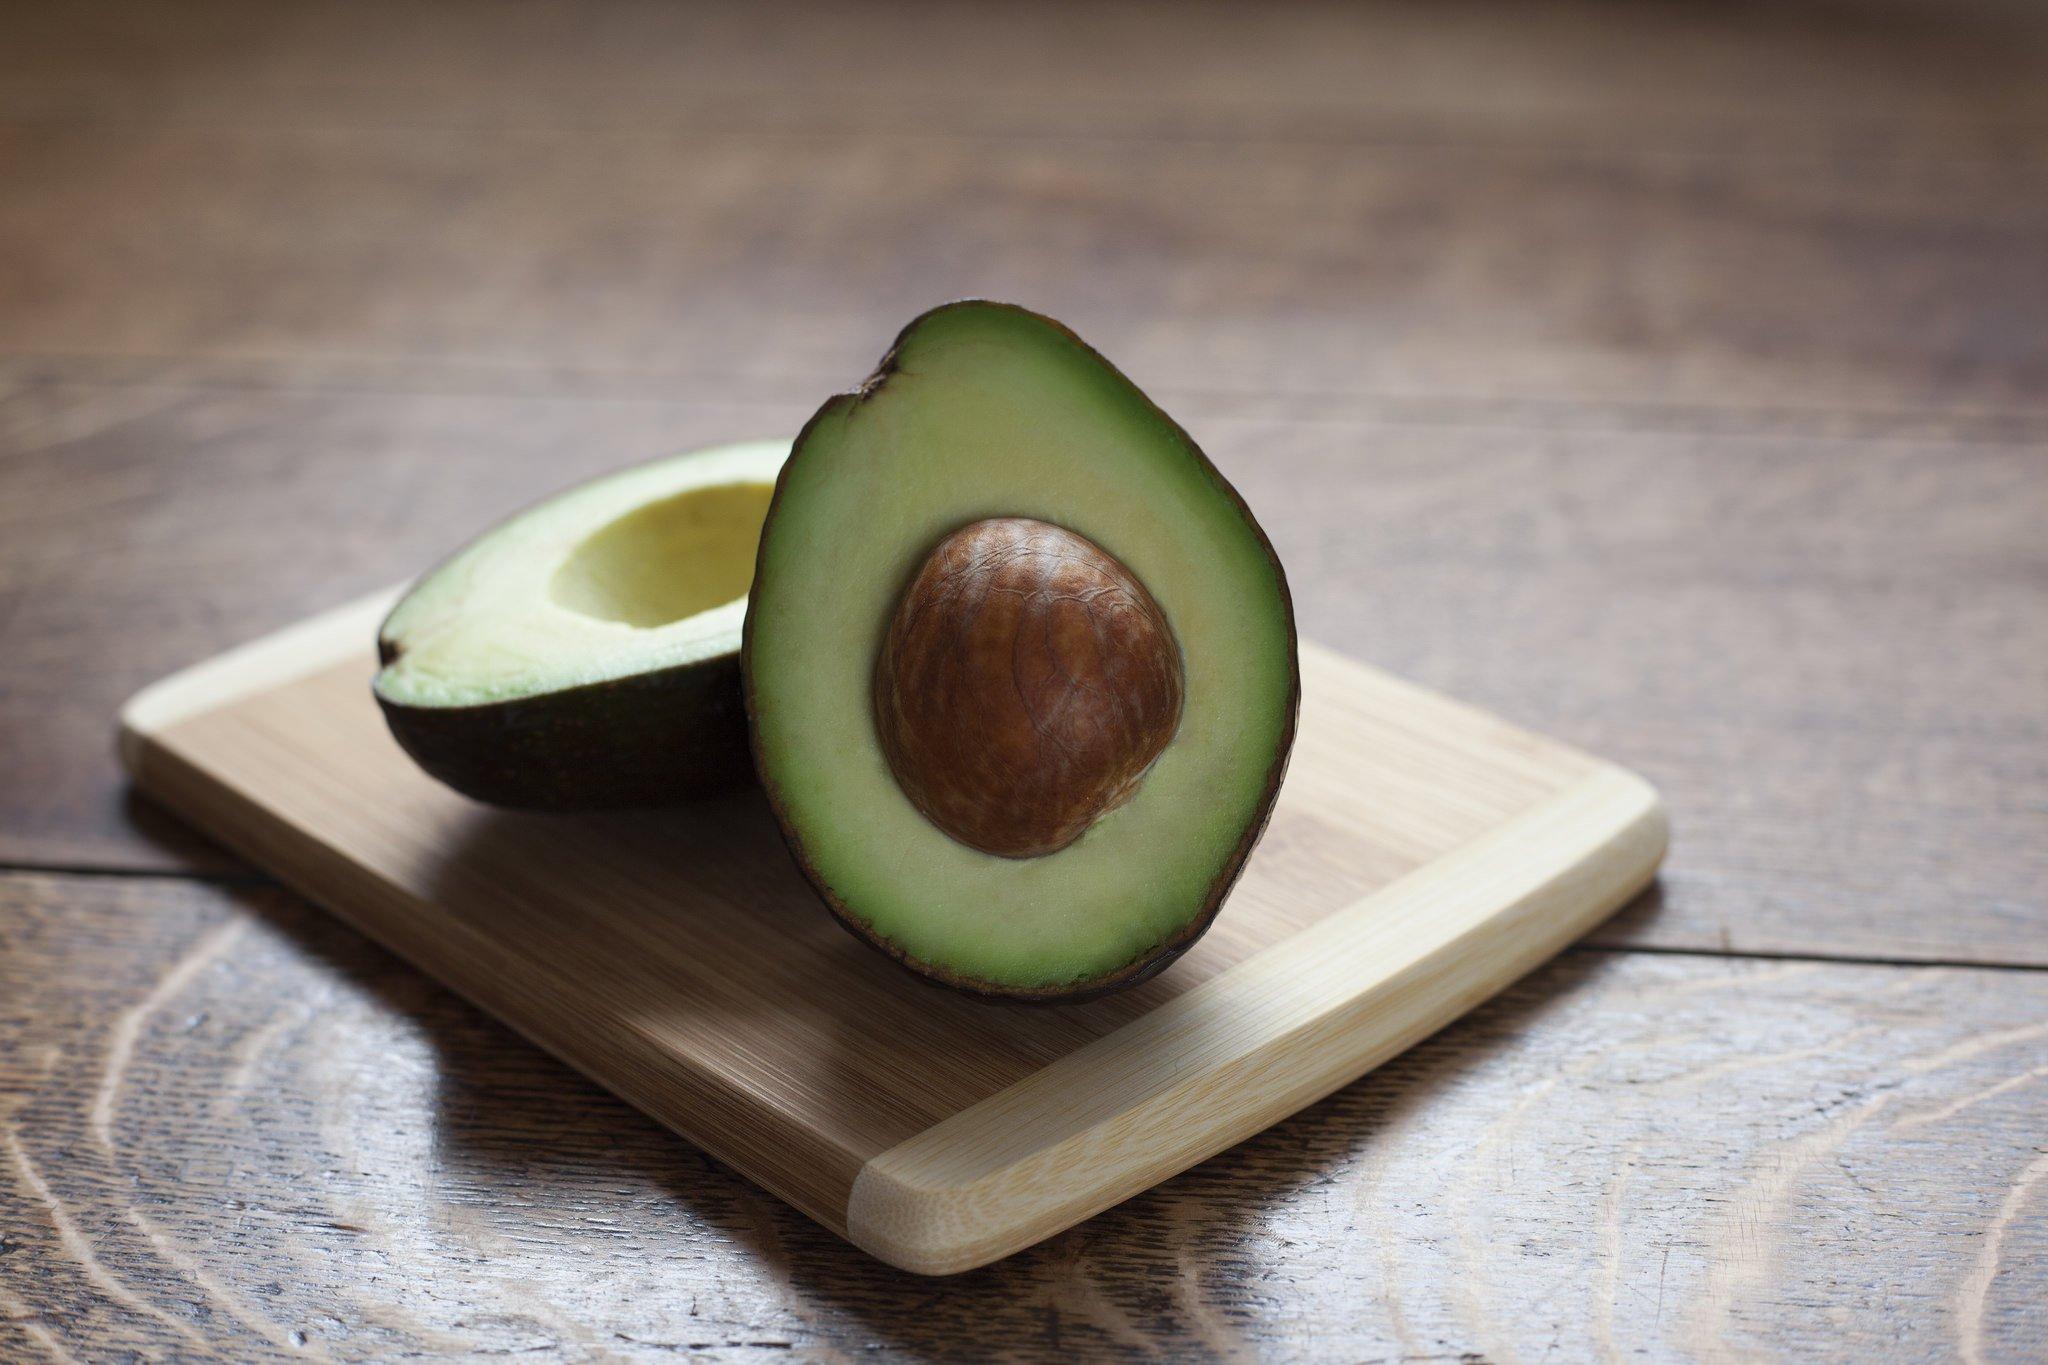 29215779510 6fe096ab24 z 1 - 9 motivos sensacionais para você começar a comer abacate